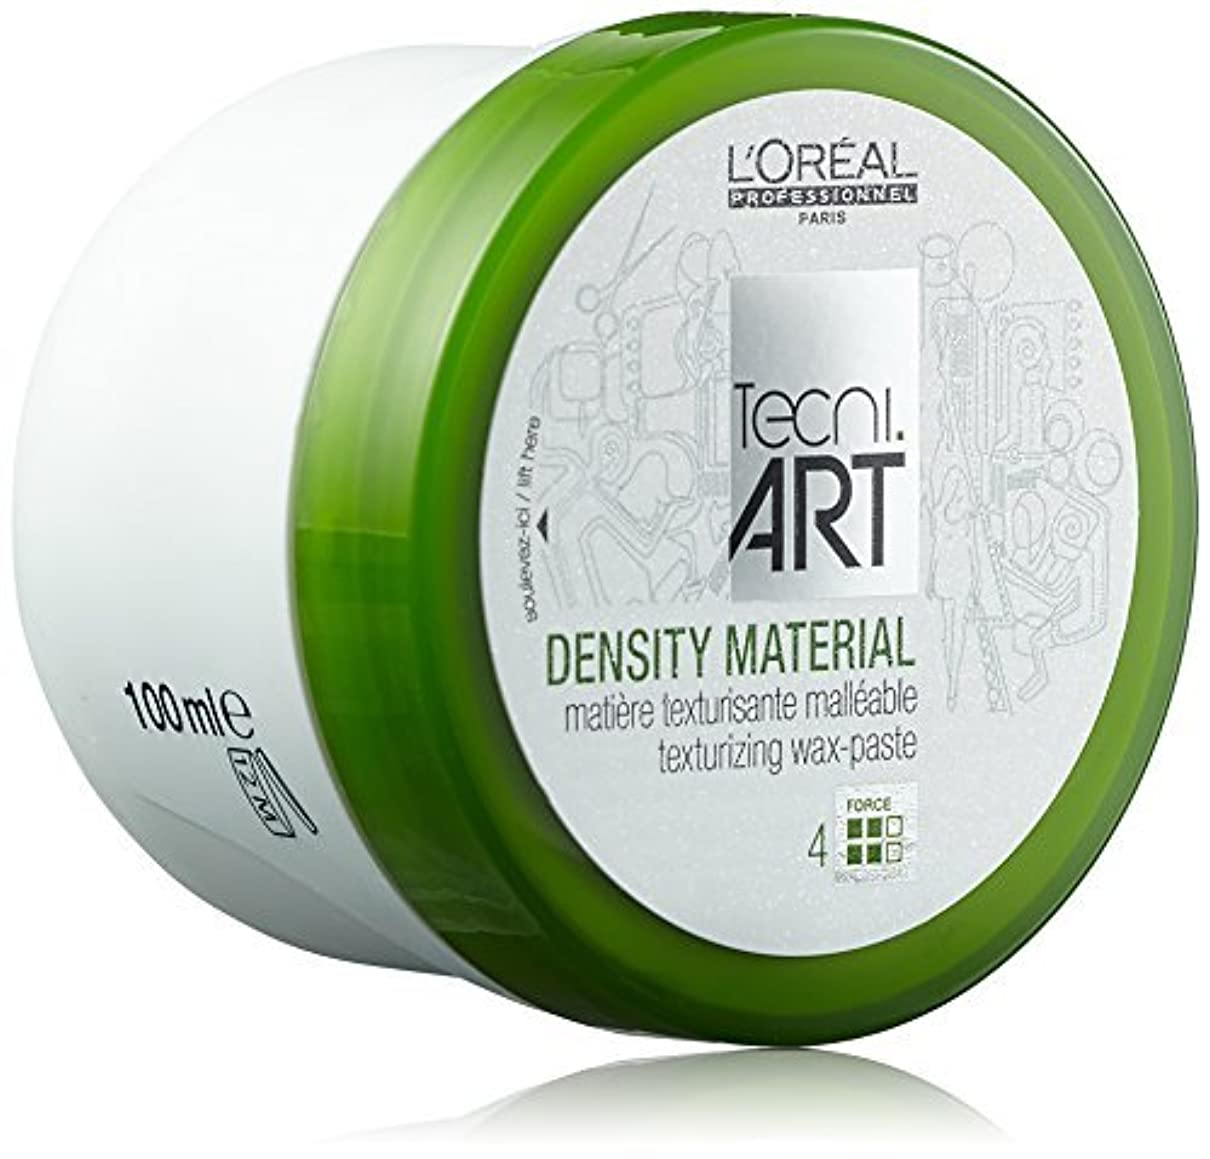 トラップバックグラウンド後世L'Oreal Professionnel Tecni.Art Play Ball Density Material 100ml/3.4oz by L'oreal [並行輸入品]